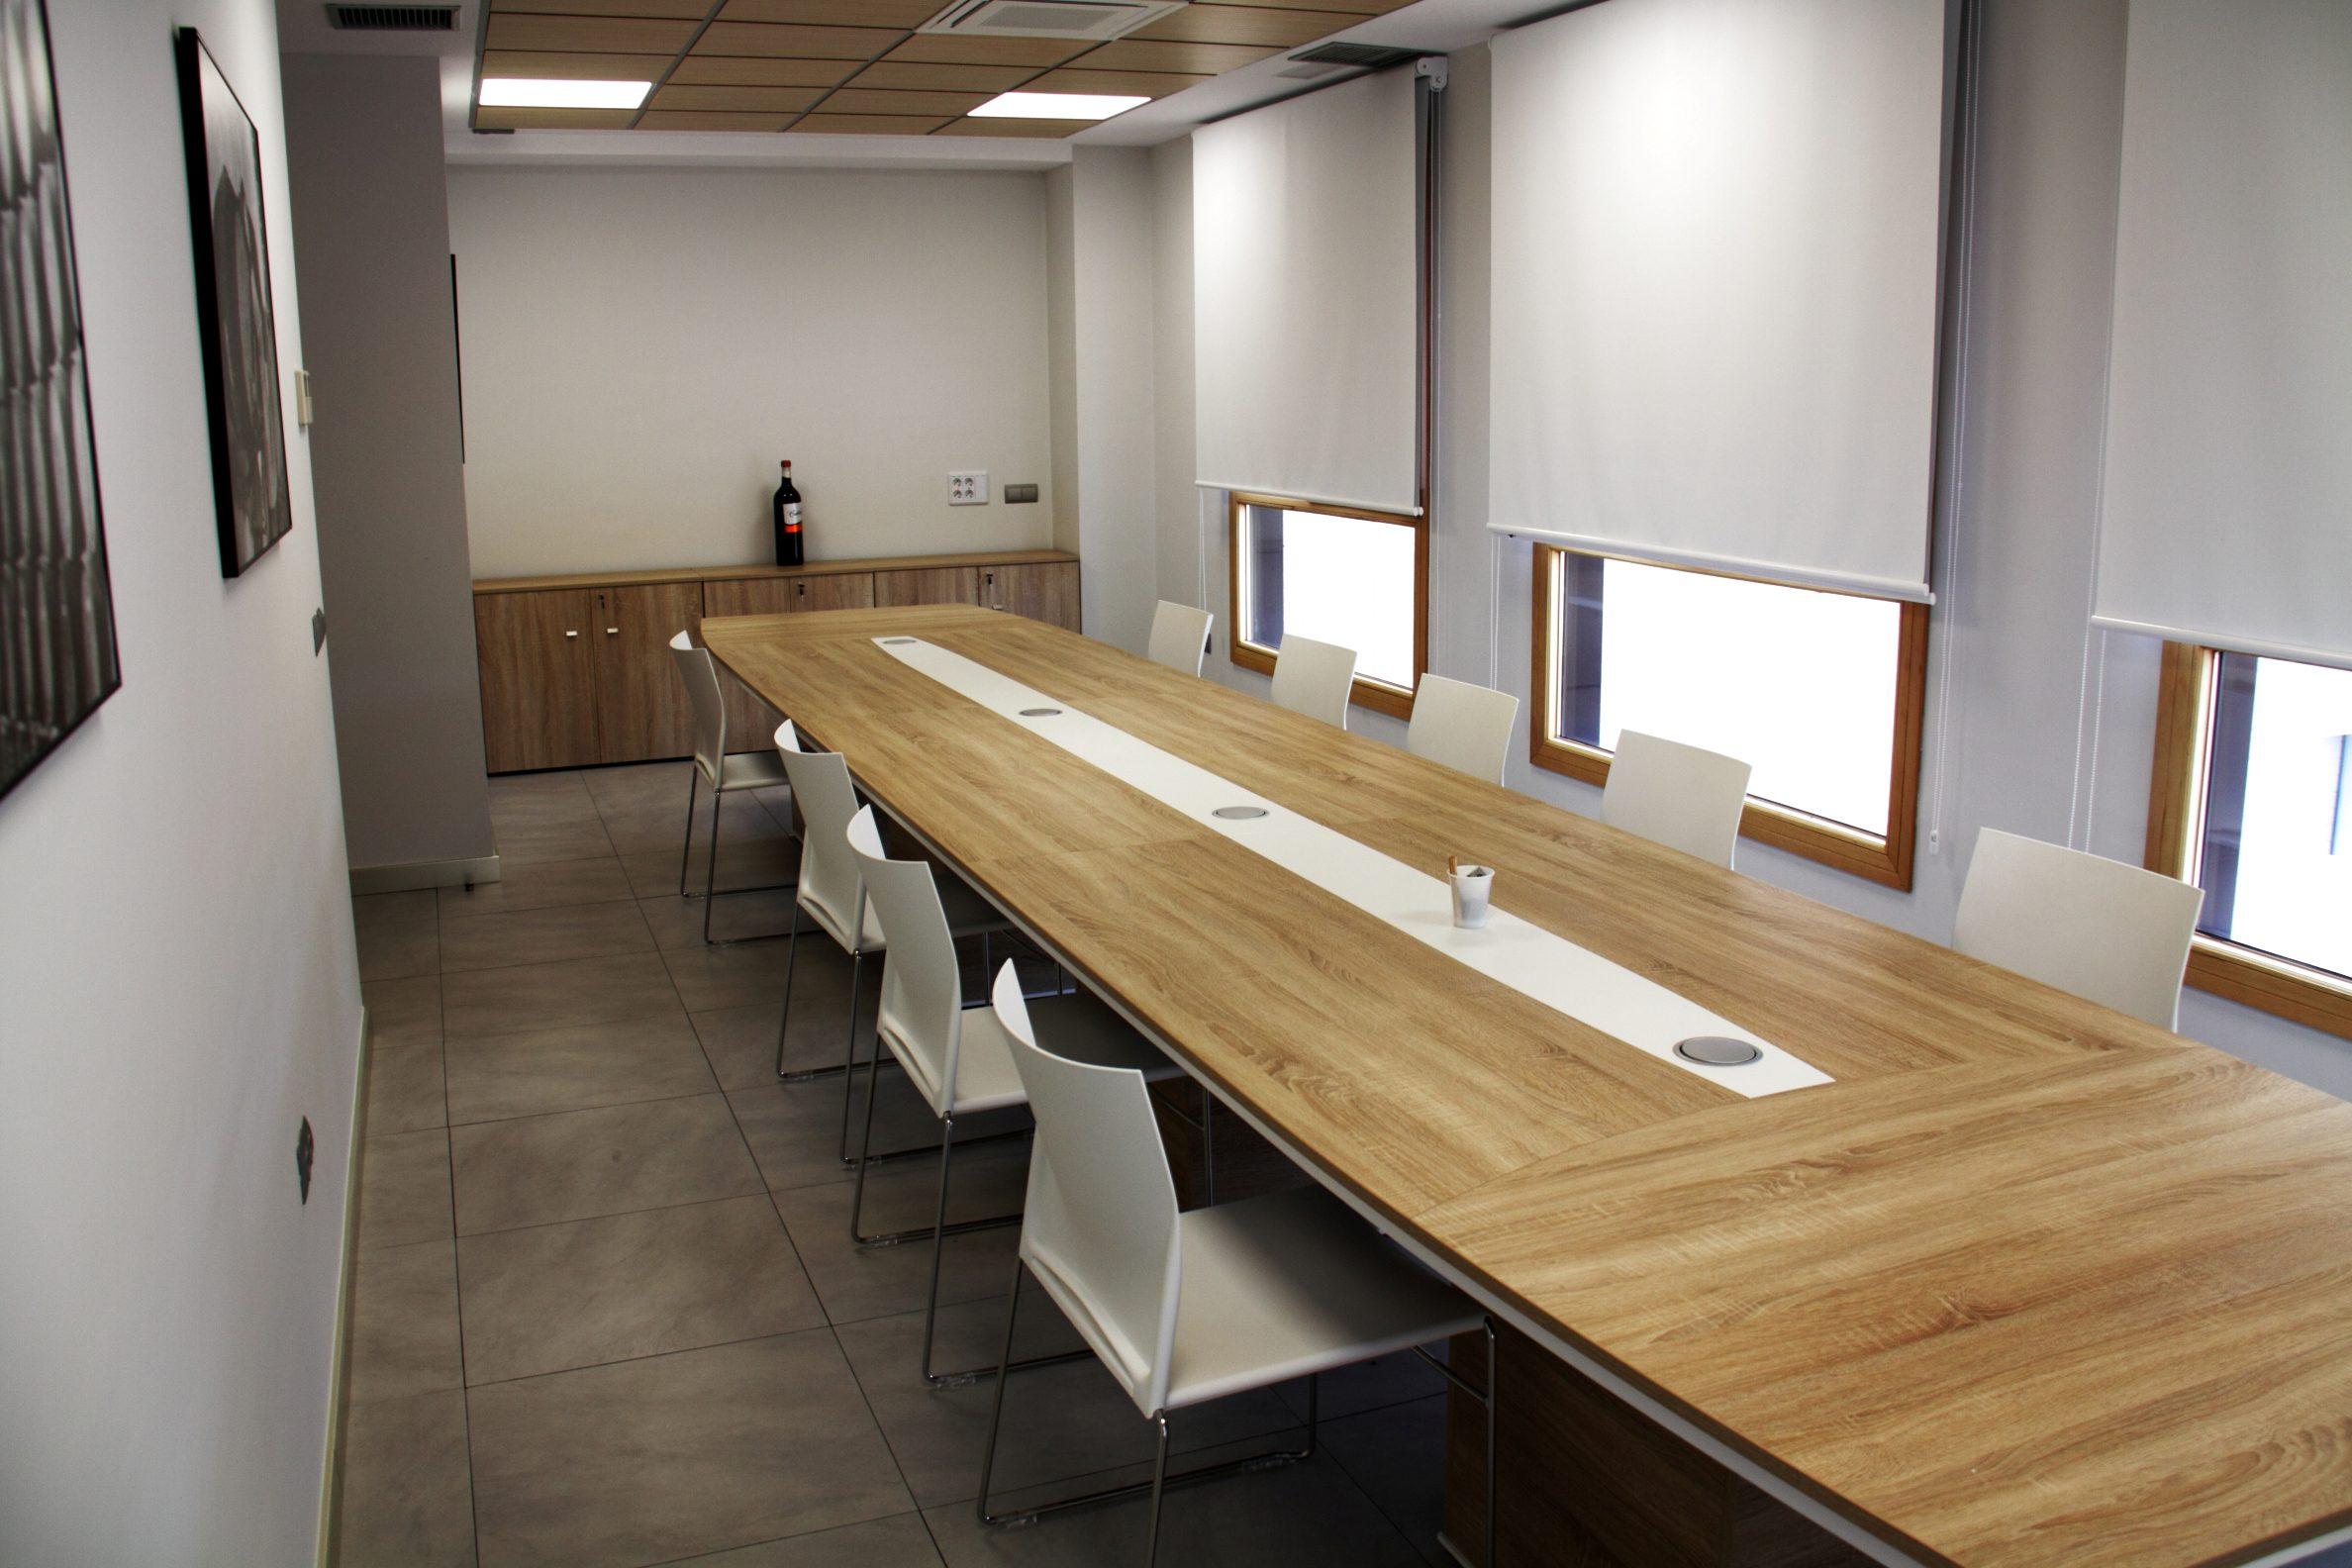 Sala de catas Cuatro Rayas mesa reuniones alta | Muebles de oficina Spacio